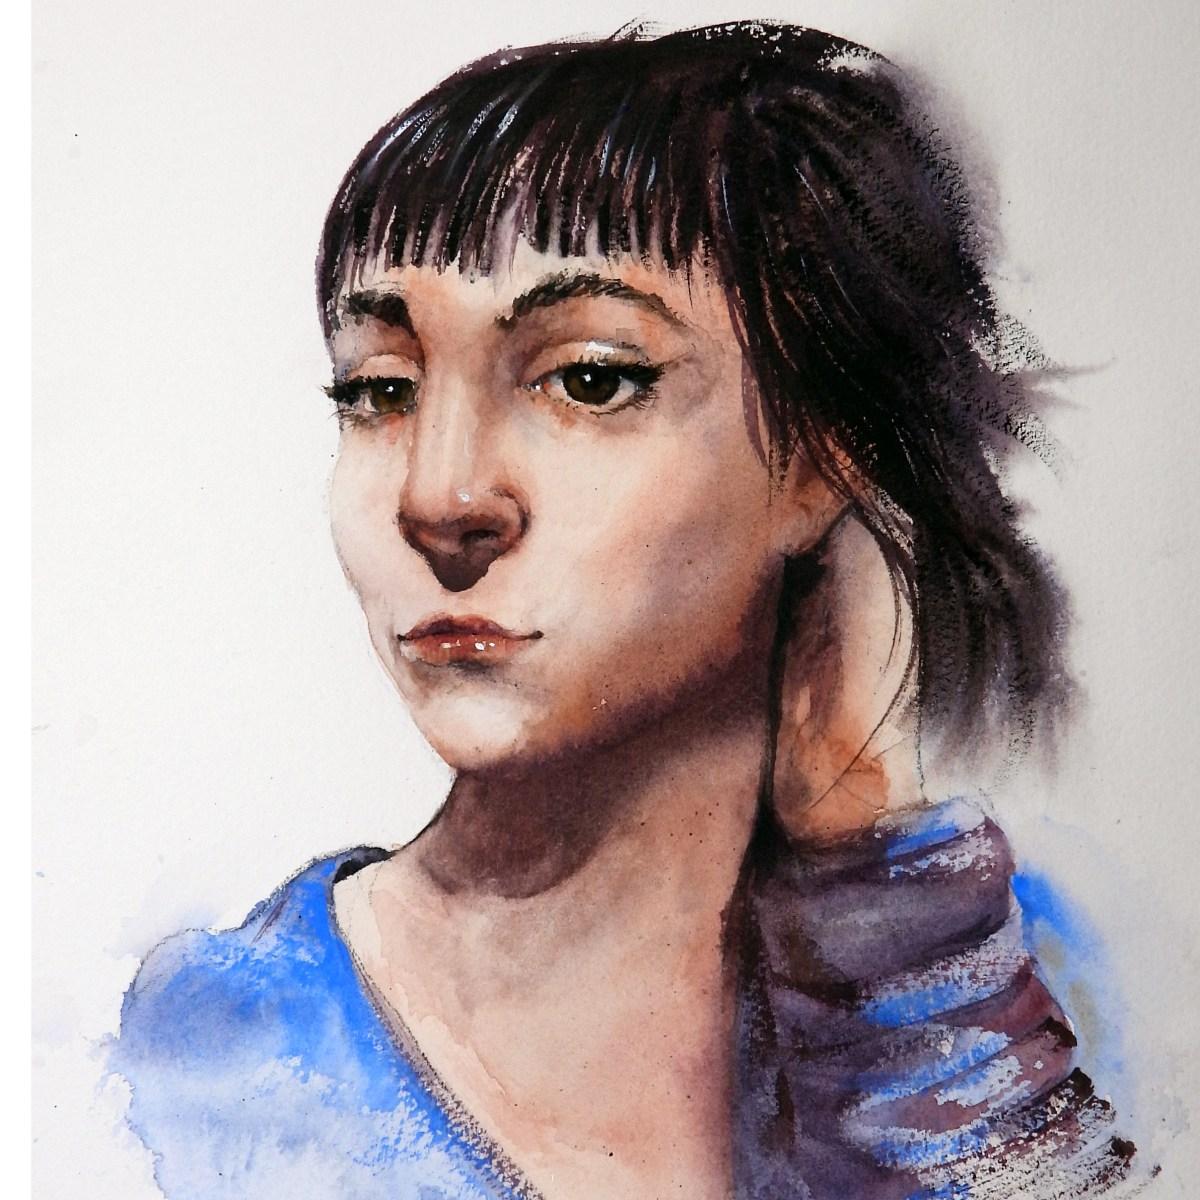 Portrait practice continues